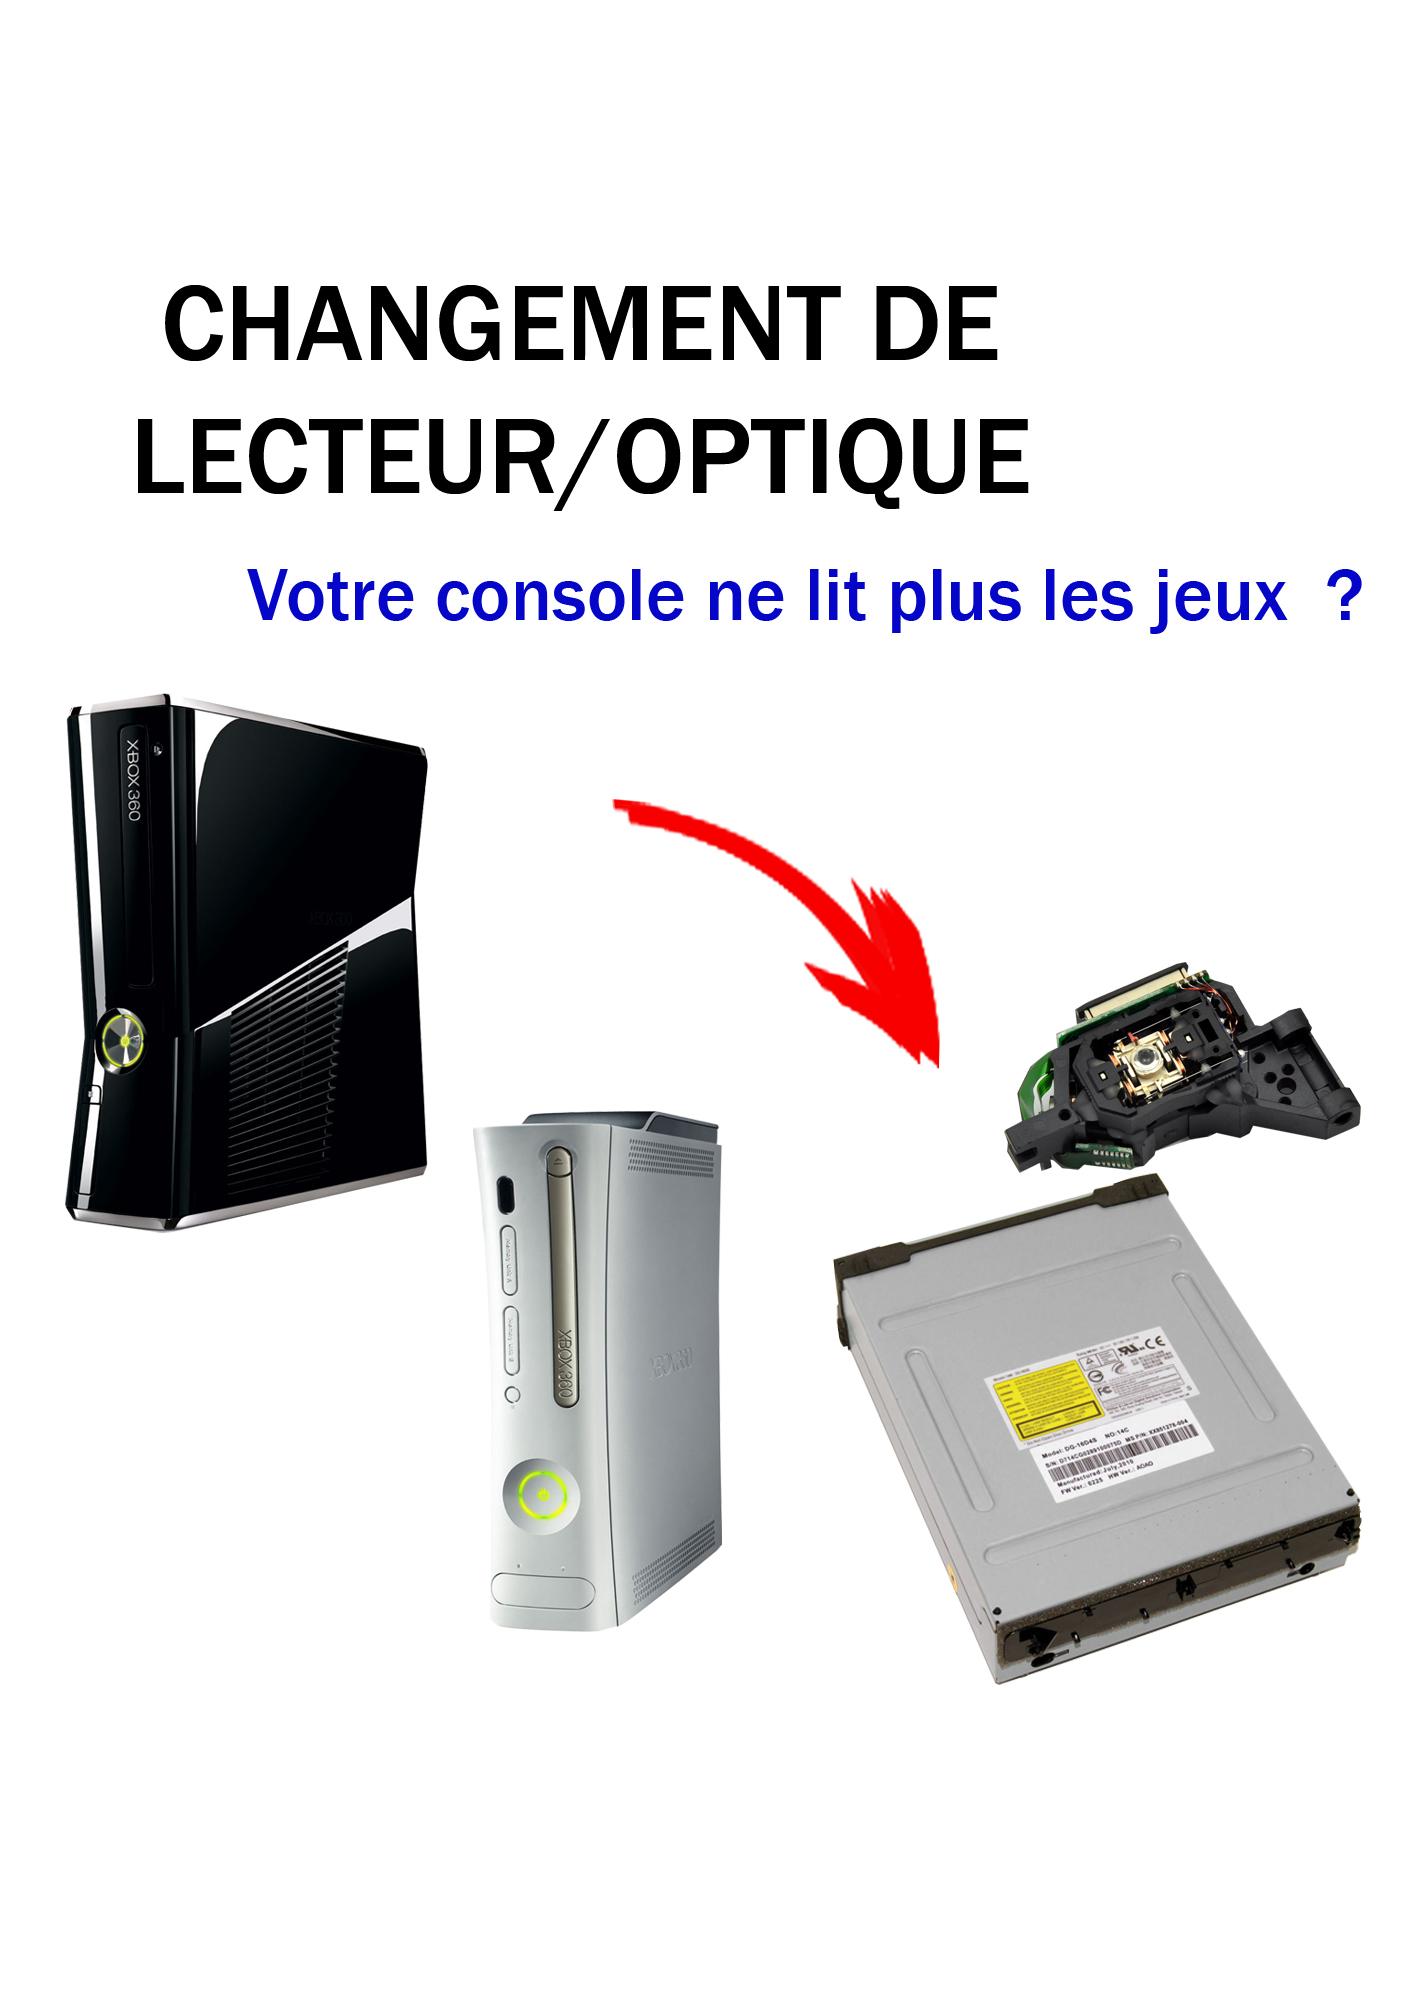 R paration xbox 360 optique lecteur sat elite video - Ma playstation 3 ne lit plus les jeux ...